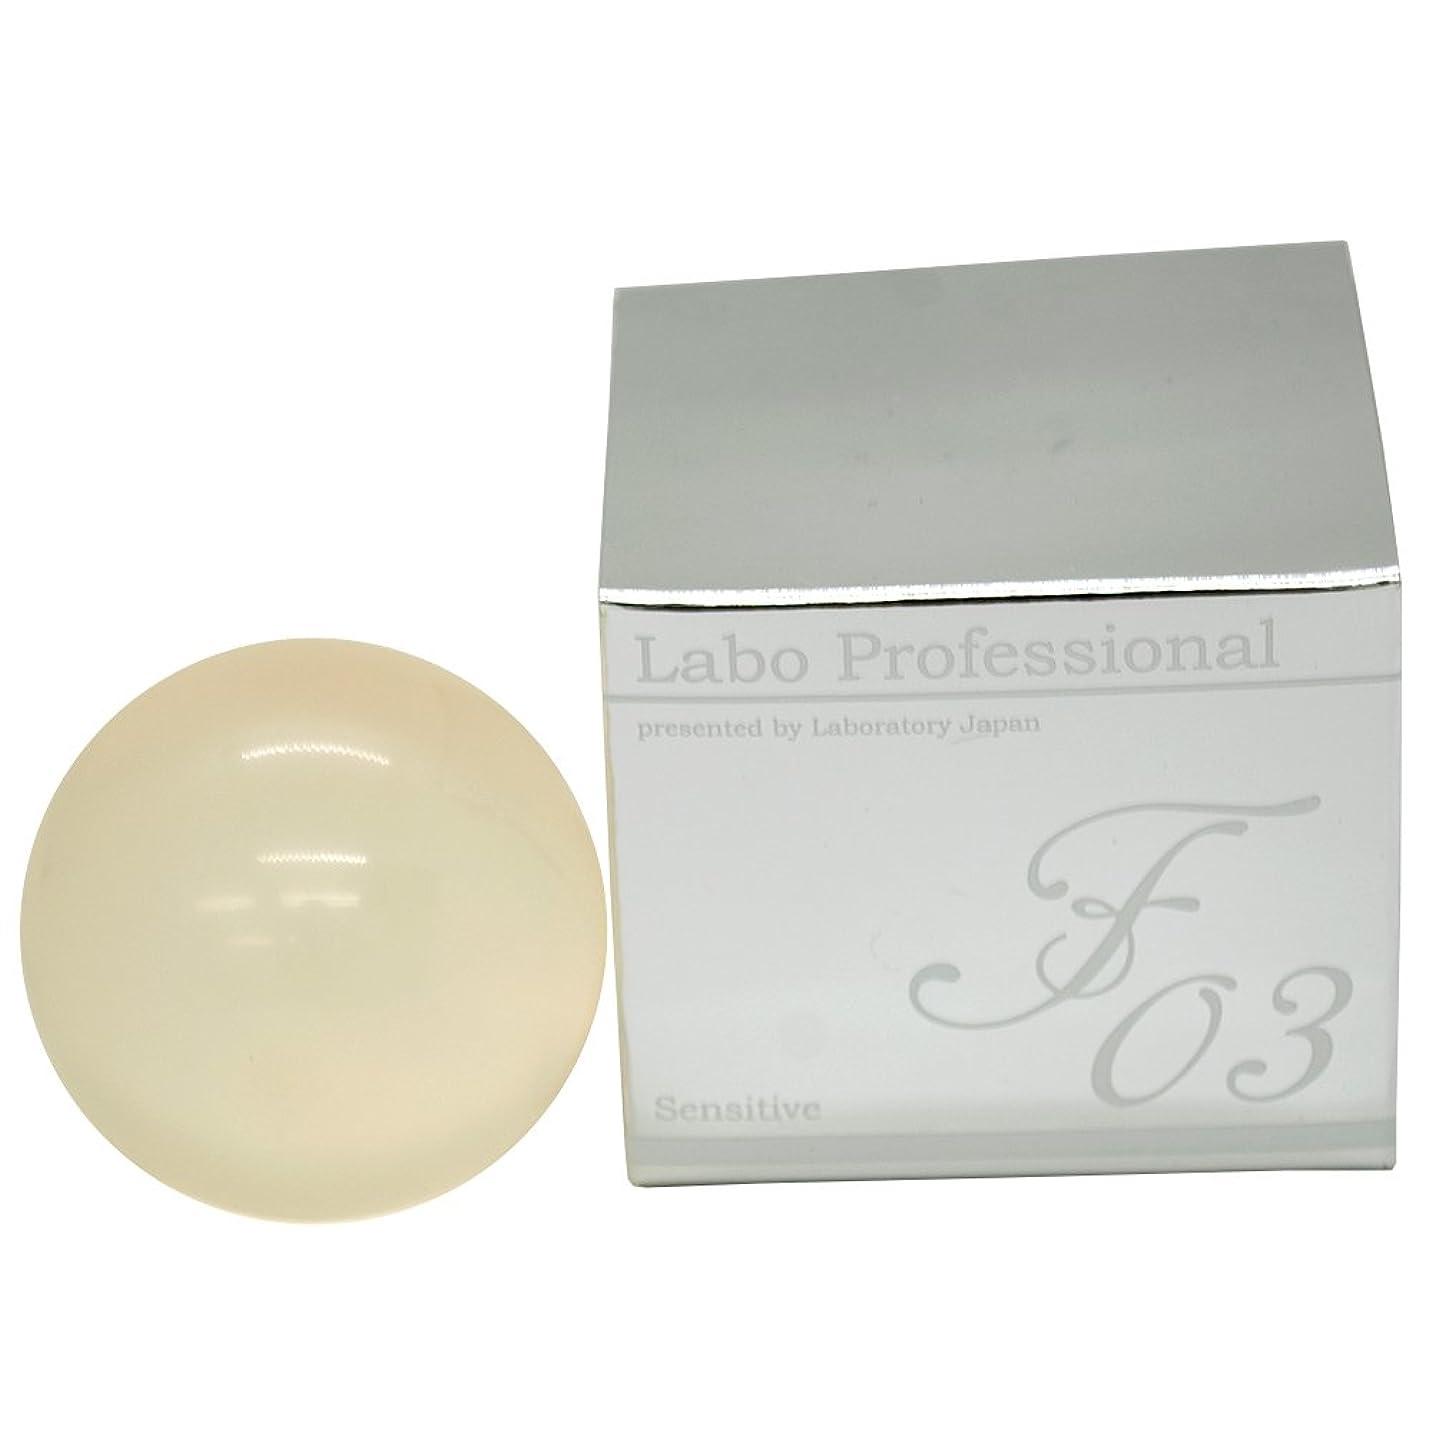 スリット工場差別化する日本製【真性フコイダン配合】赤ちゃんから使える 敏感肌向け美容石鹸|Labo Professional F03